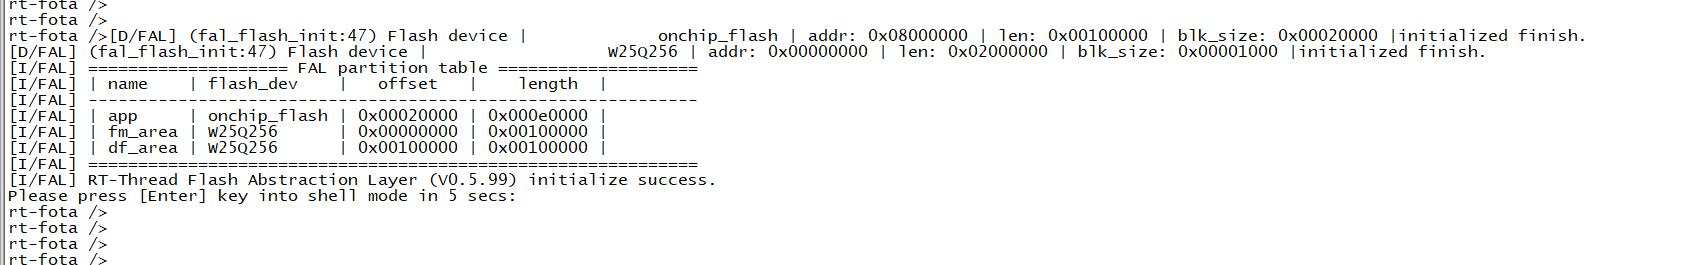 f2fbdb36fcfc44371f0d3d418f453249.jpg